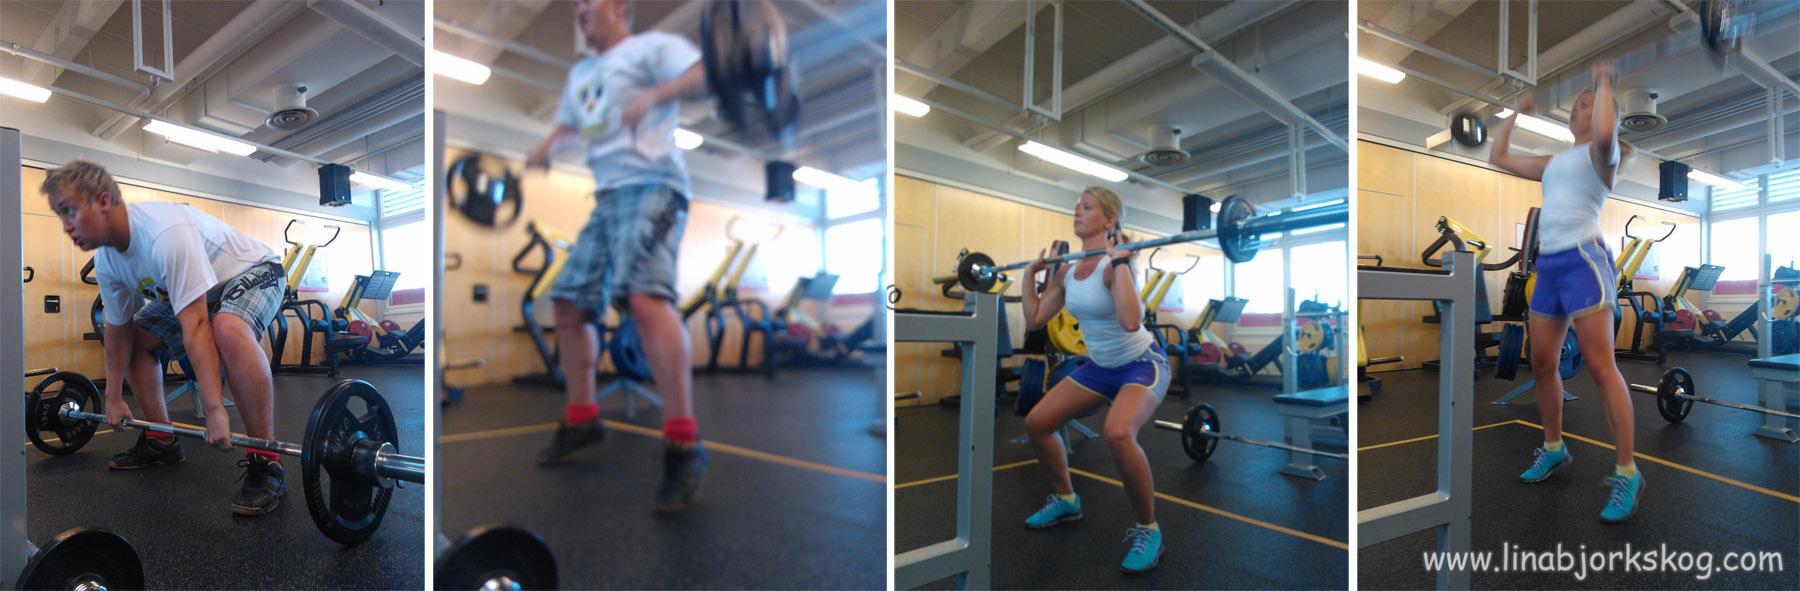 Varför jag väljer funktionell träning